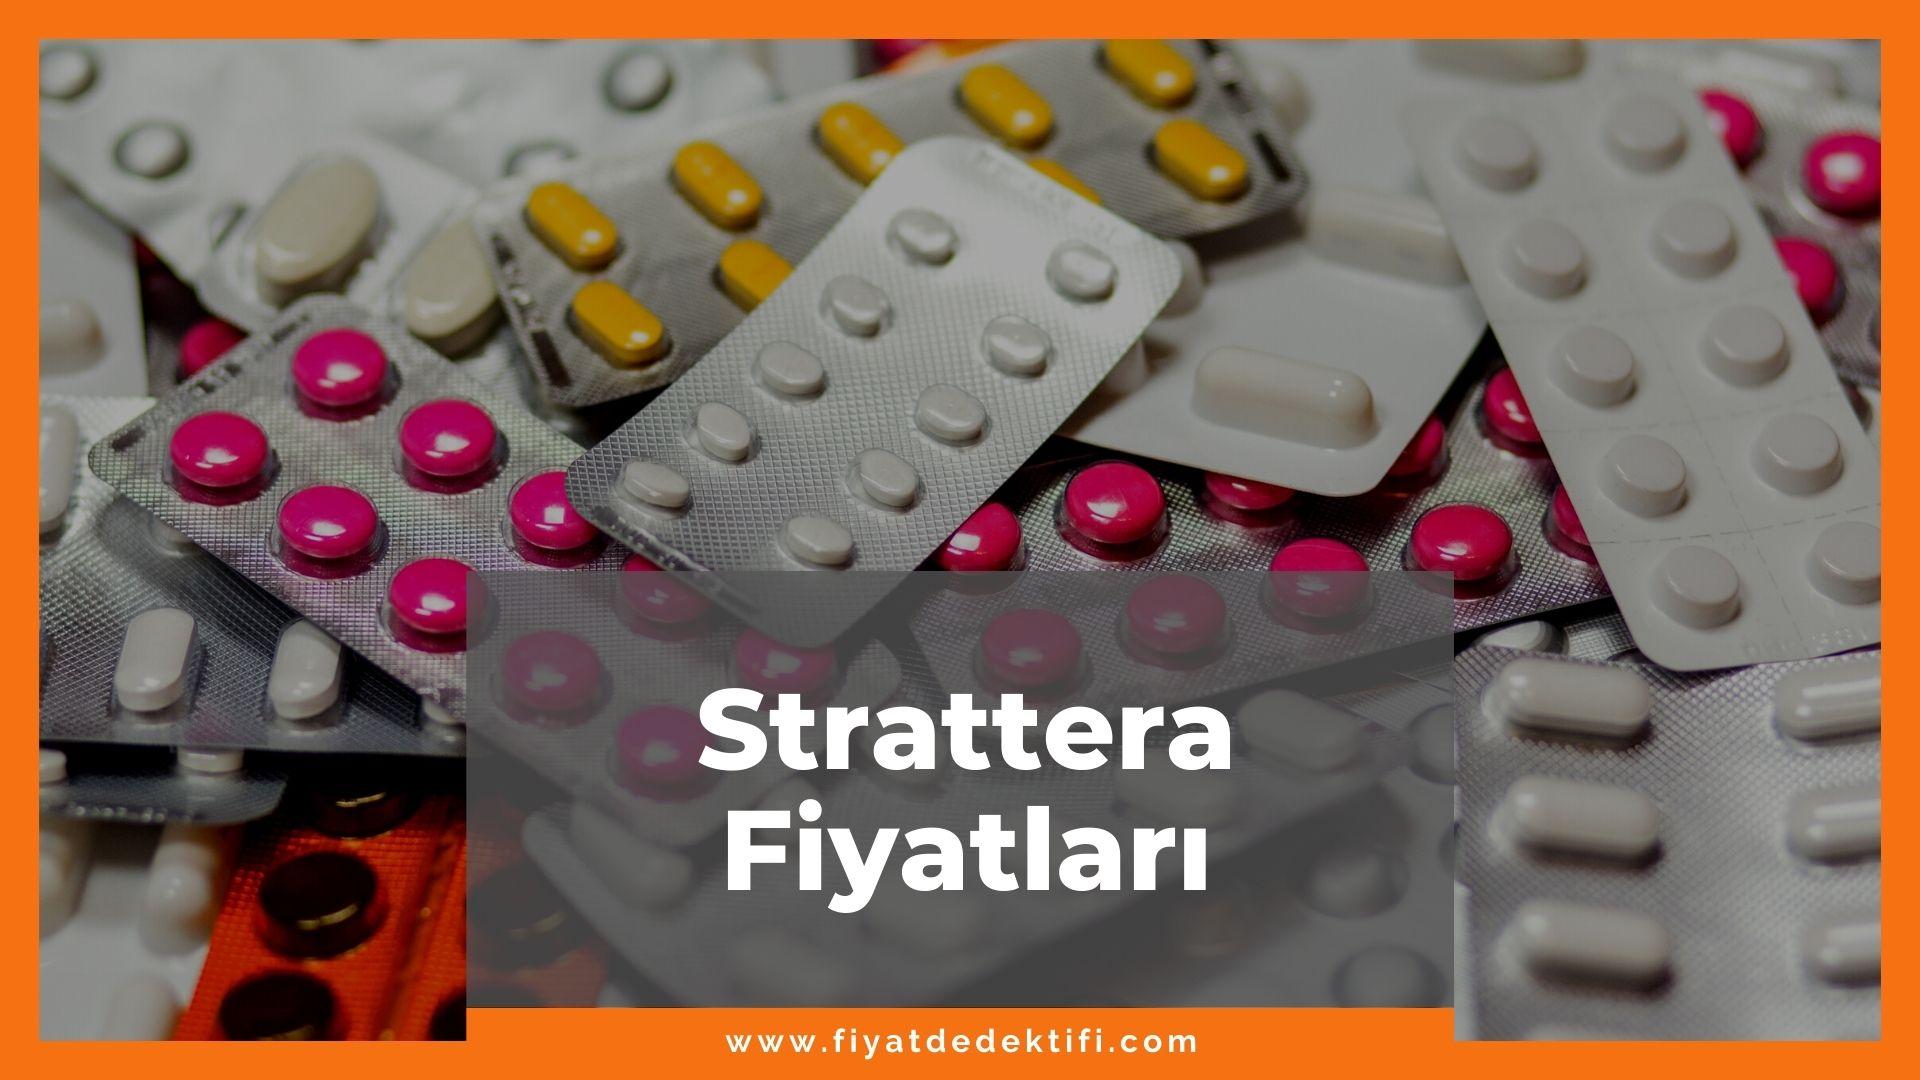 Strattera Fiyat 2021, Strattera 10 mg, 25 mg Fiyatı, strattera zamlandı mı, strattera zamlı fiyatı ne kadar kaç tl oldu